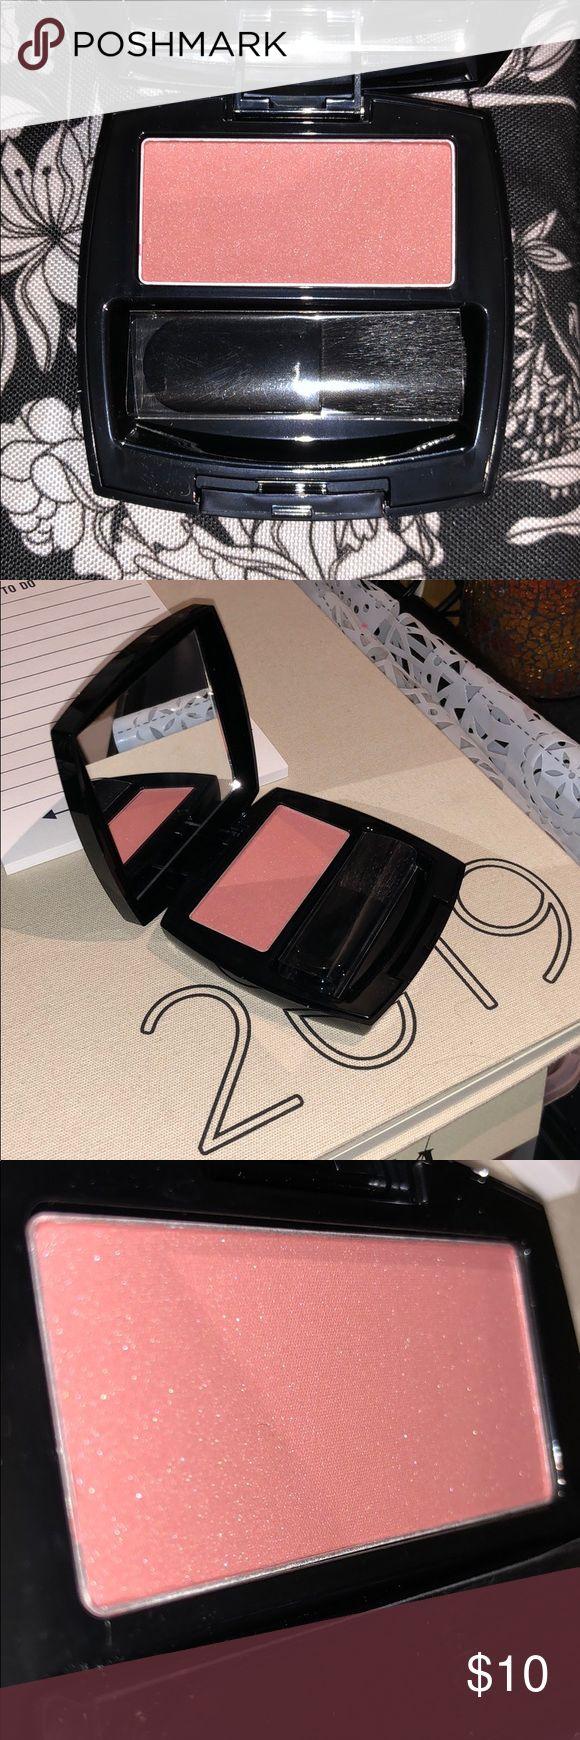 4SALE ️🎉NEW AVON BLUSH🎉 Blush, Avon, Blush makeup